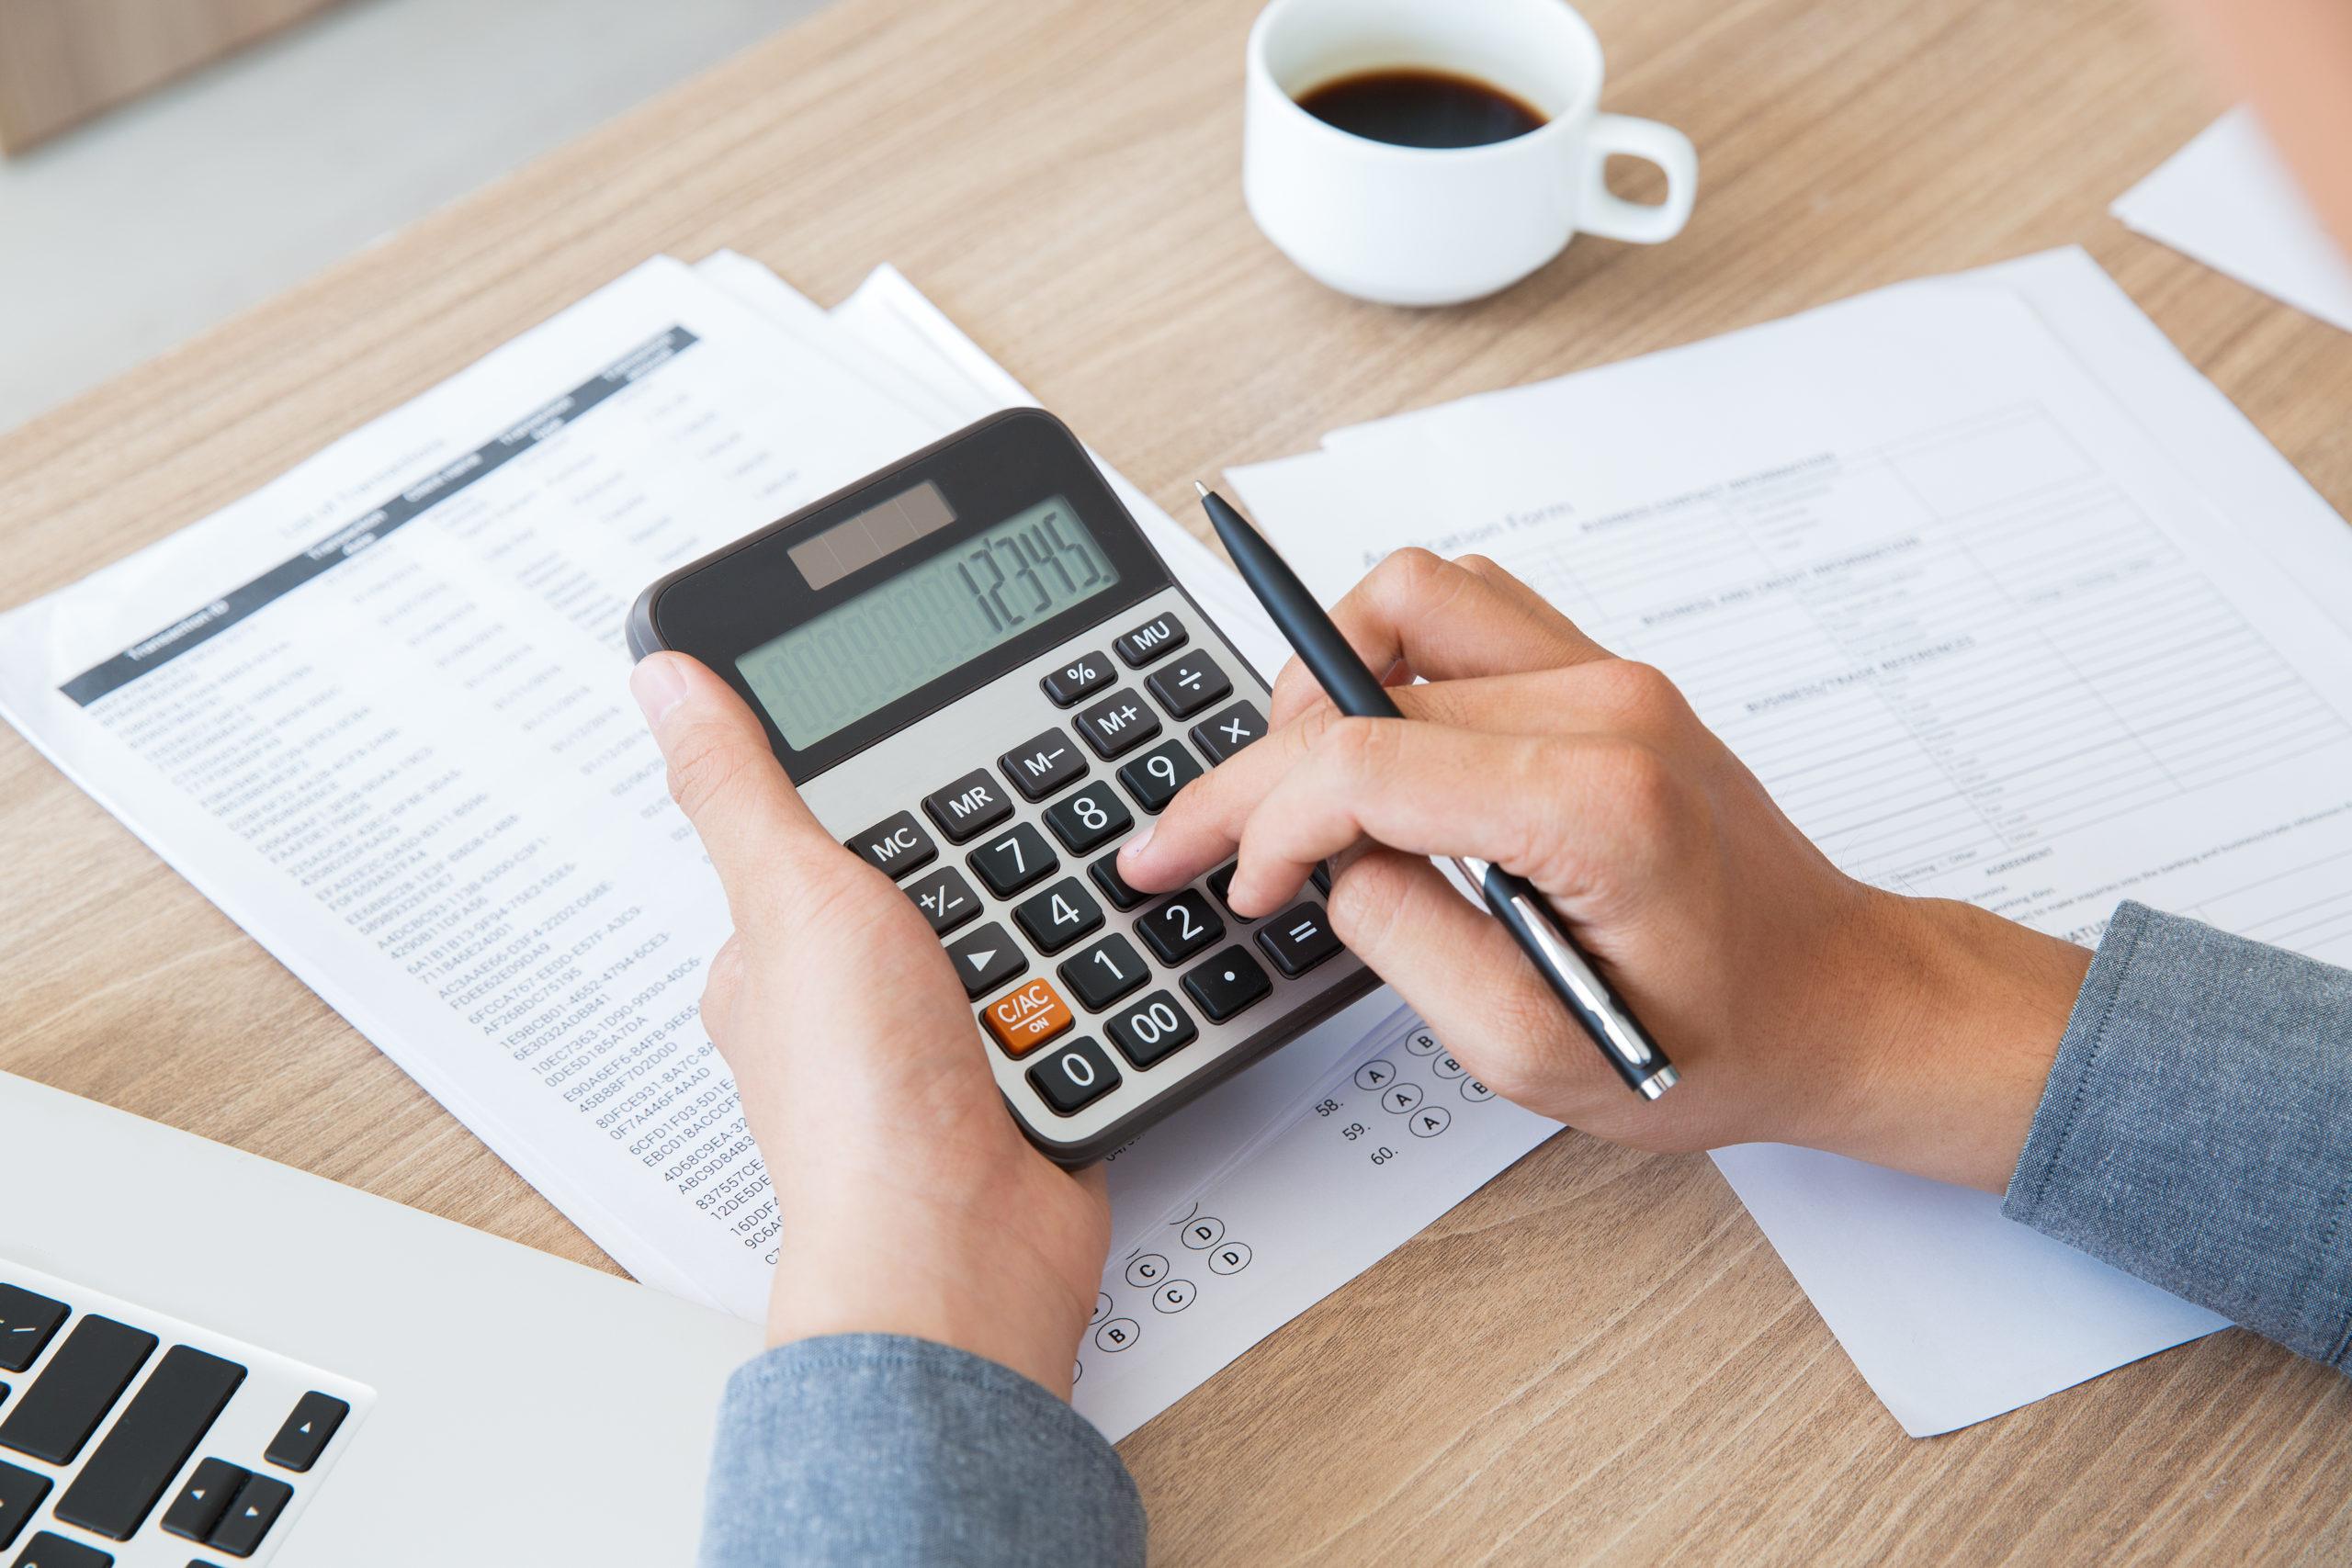 Já iniciou o prazo para entregar a sua declaração de imposto de renda.